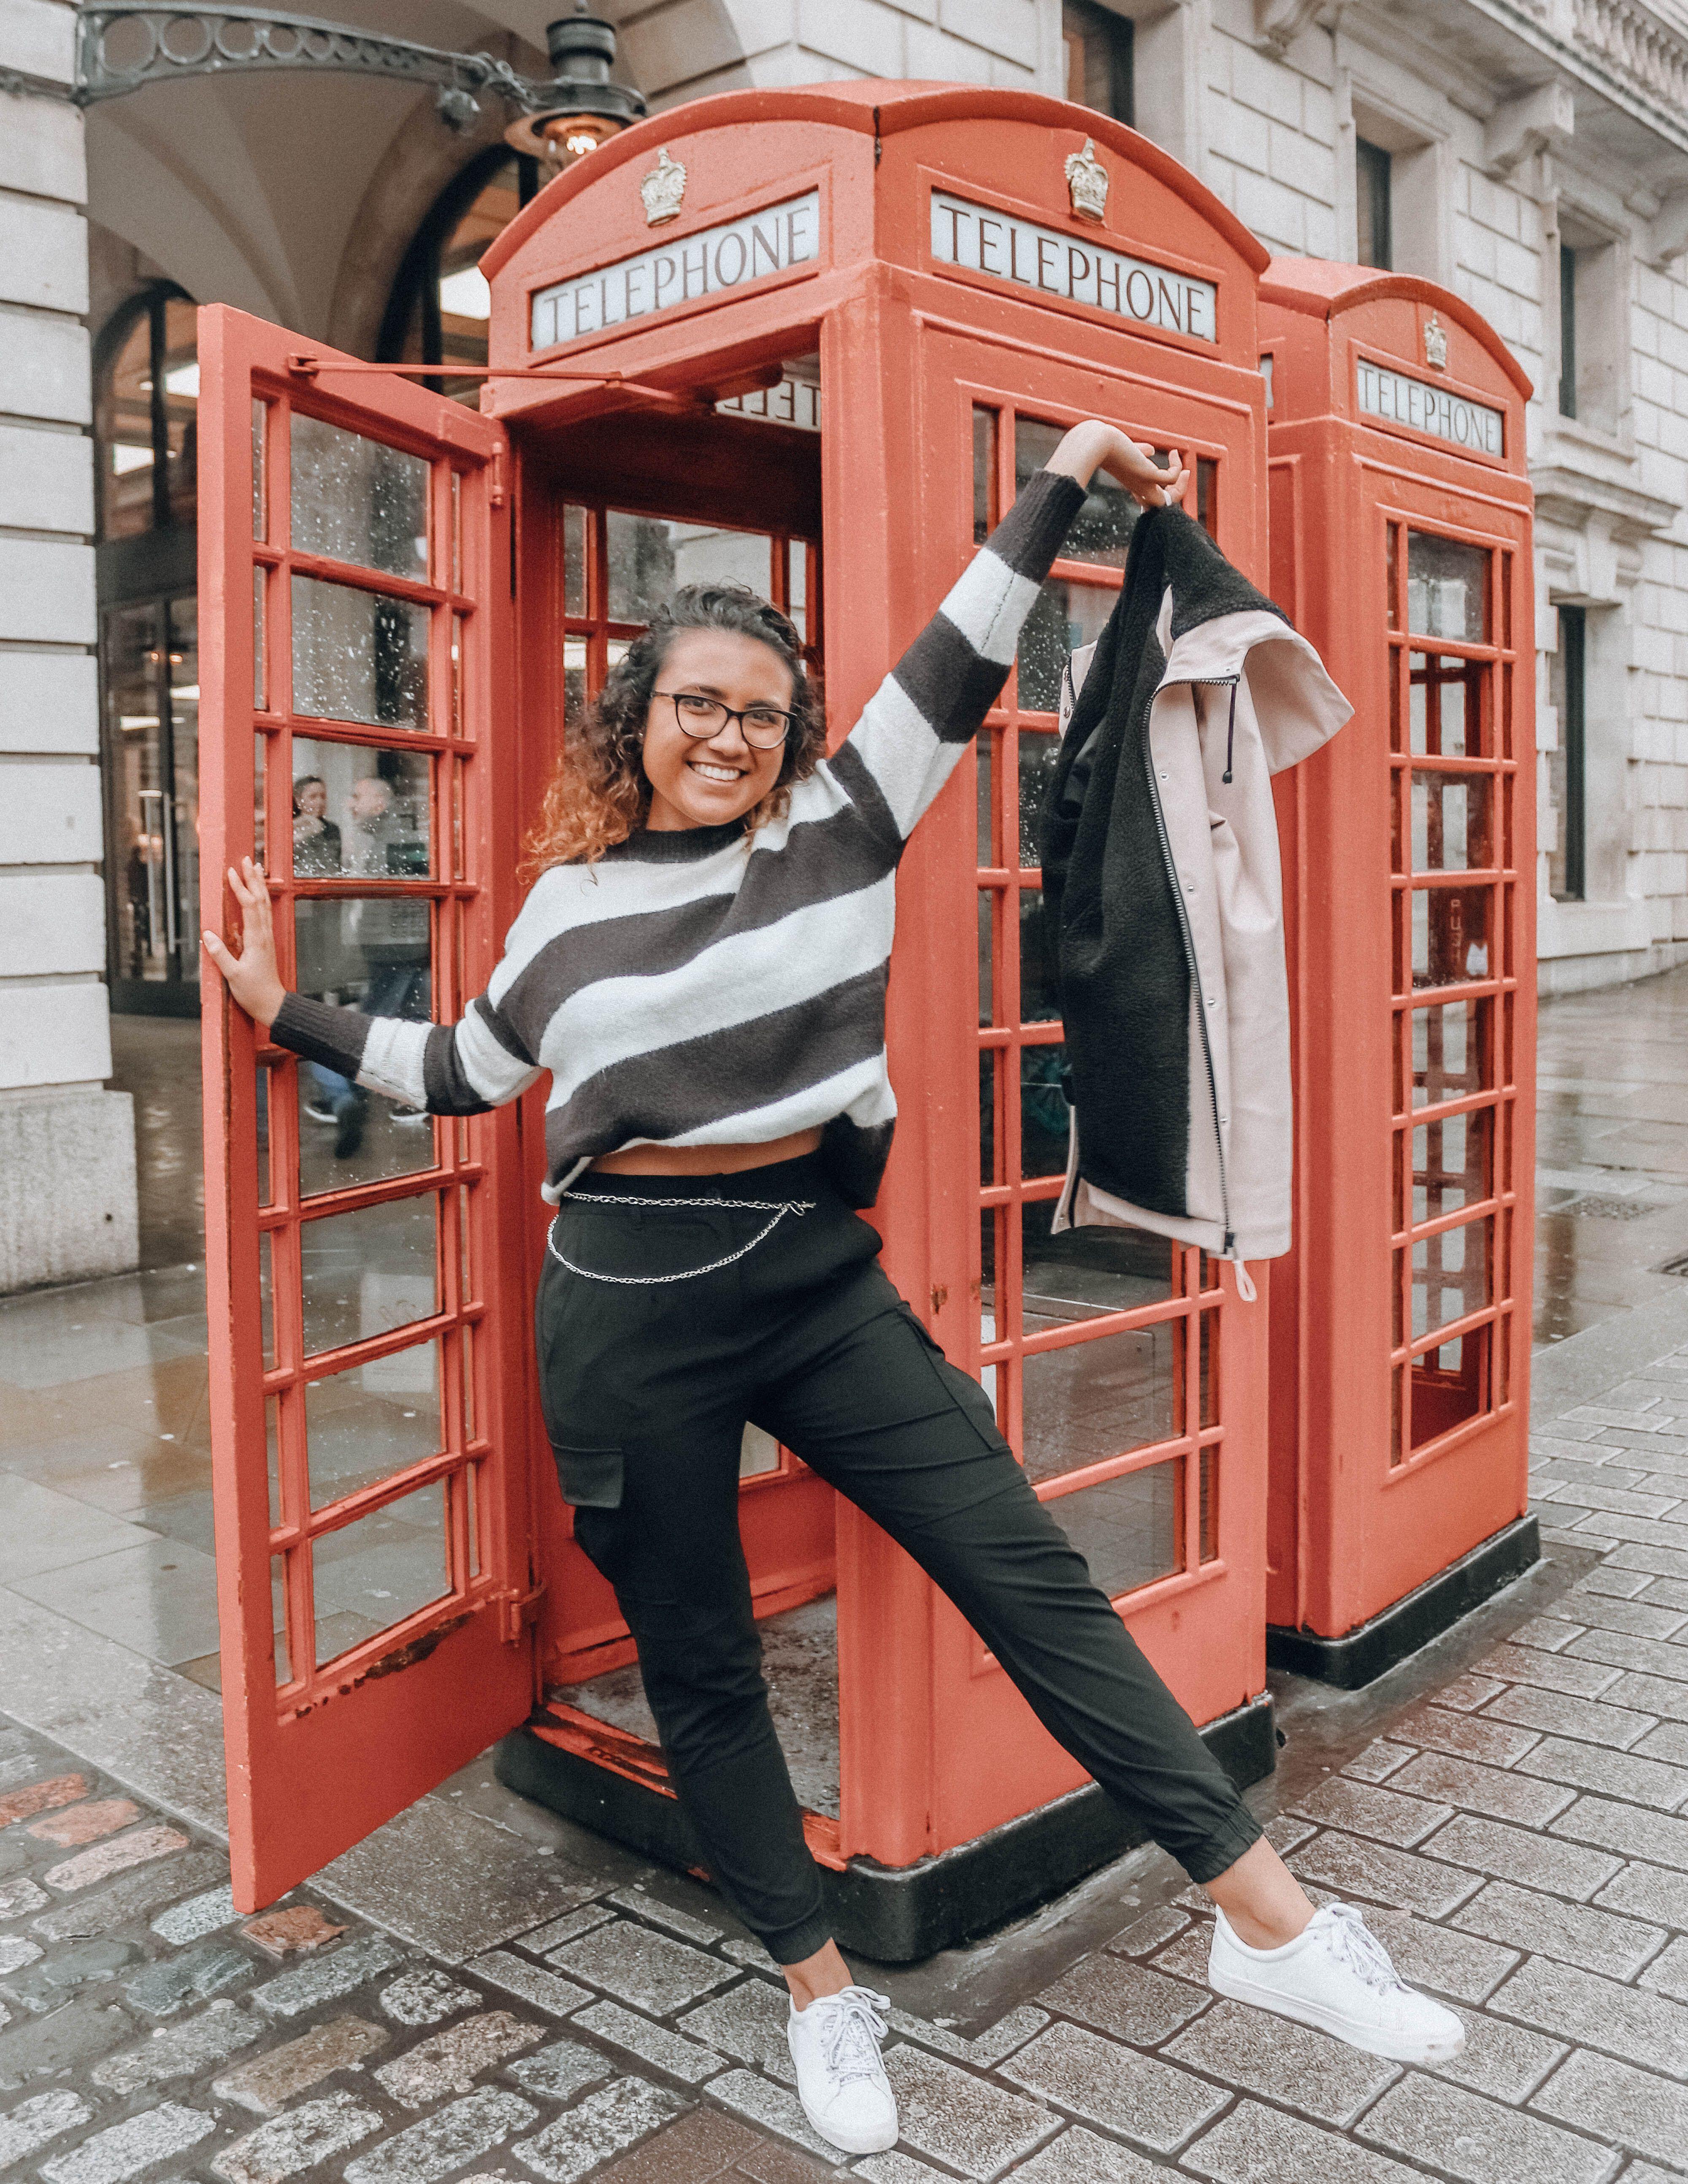 #londonguide #bestthingstodolondon #travellondon #londontips #visitlondon